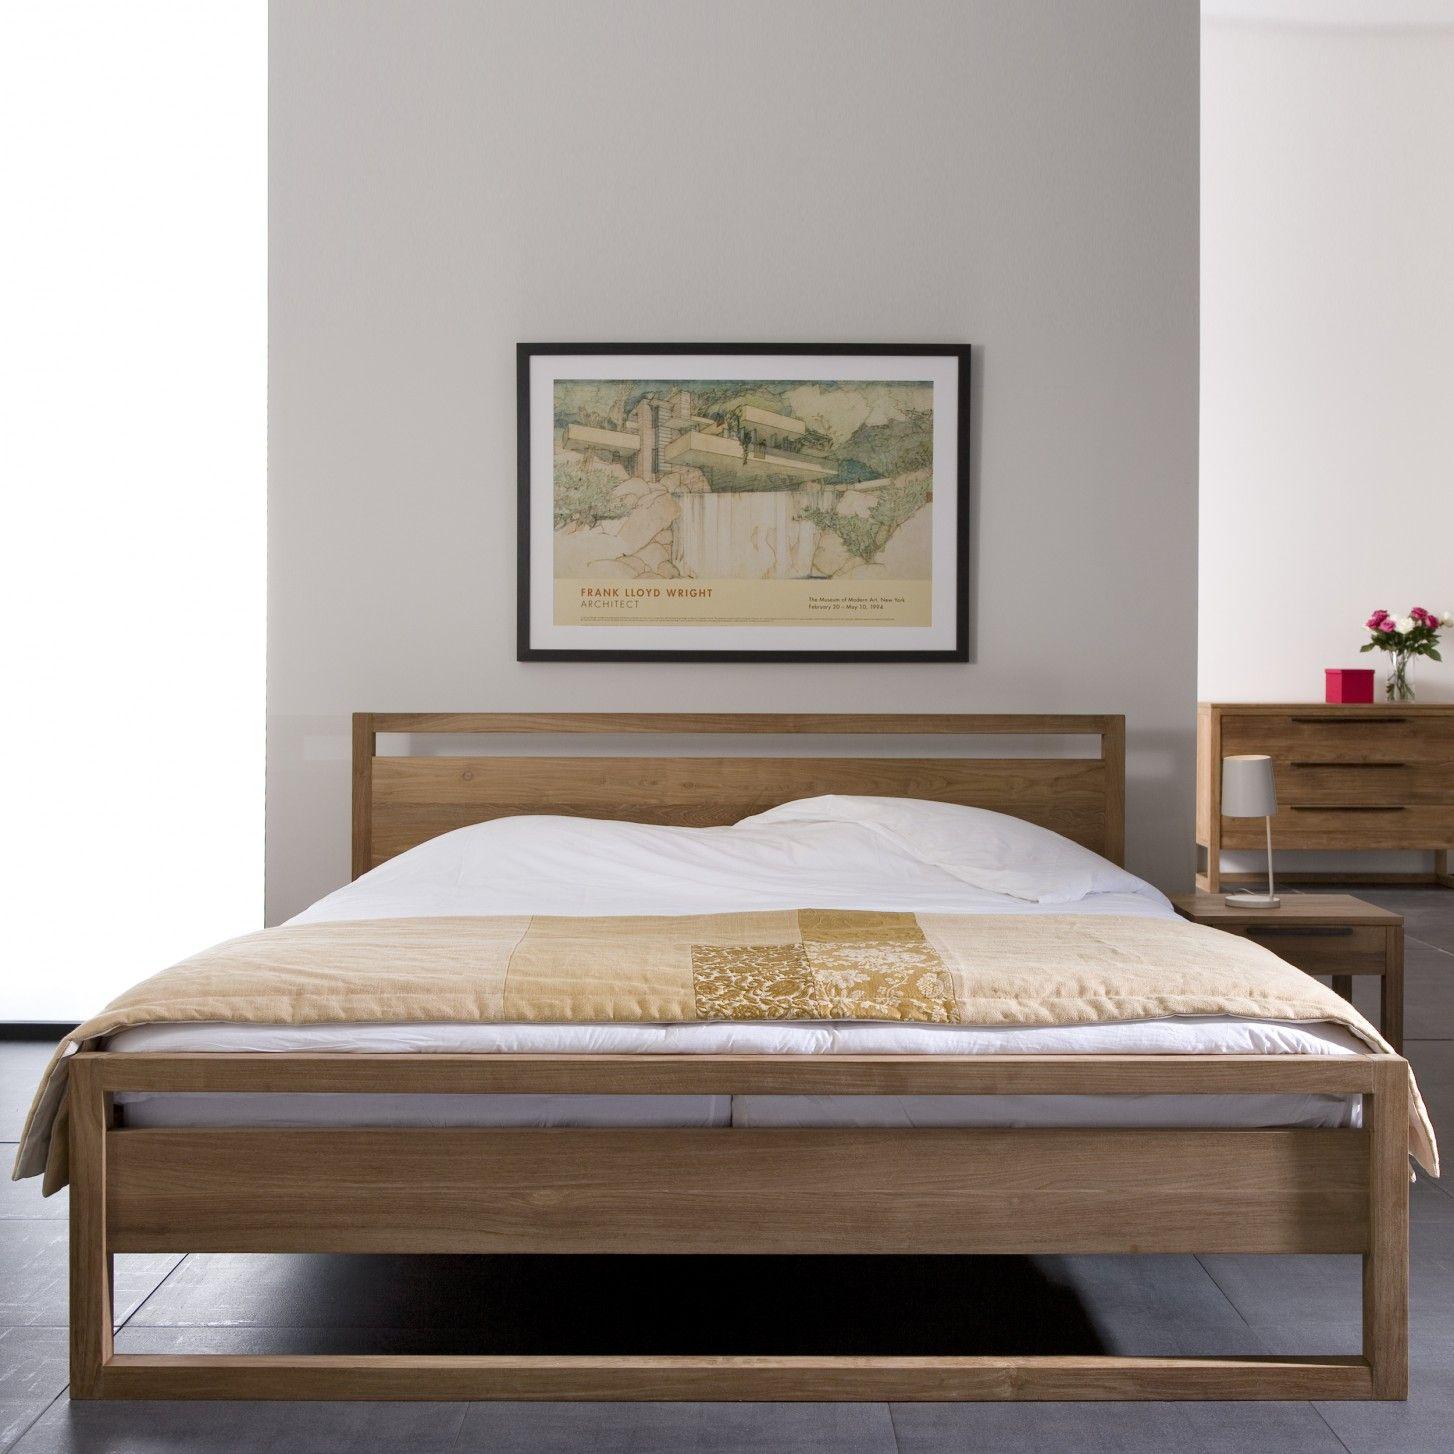 Ikarus Betten light frame bett ethnicraft bei ikarus de bett schlafzimmer